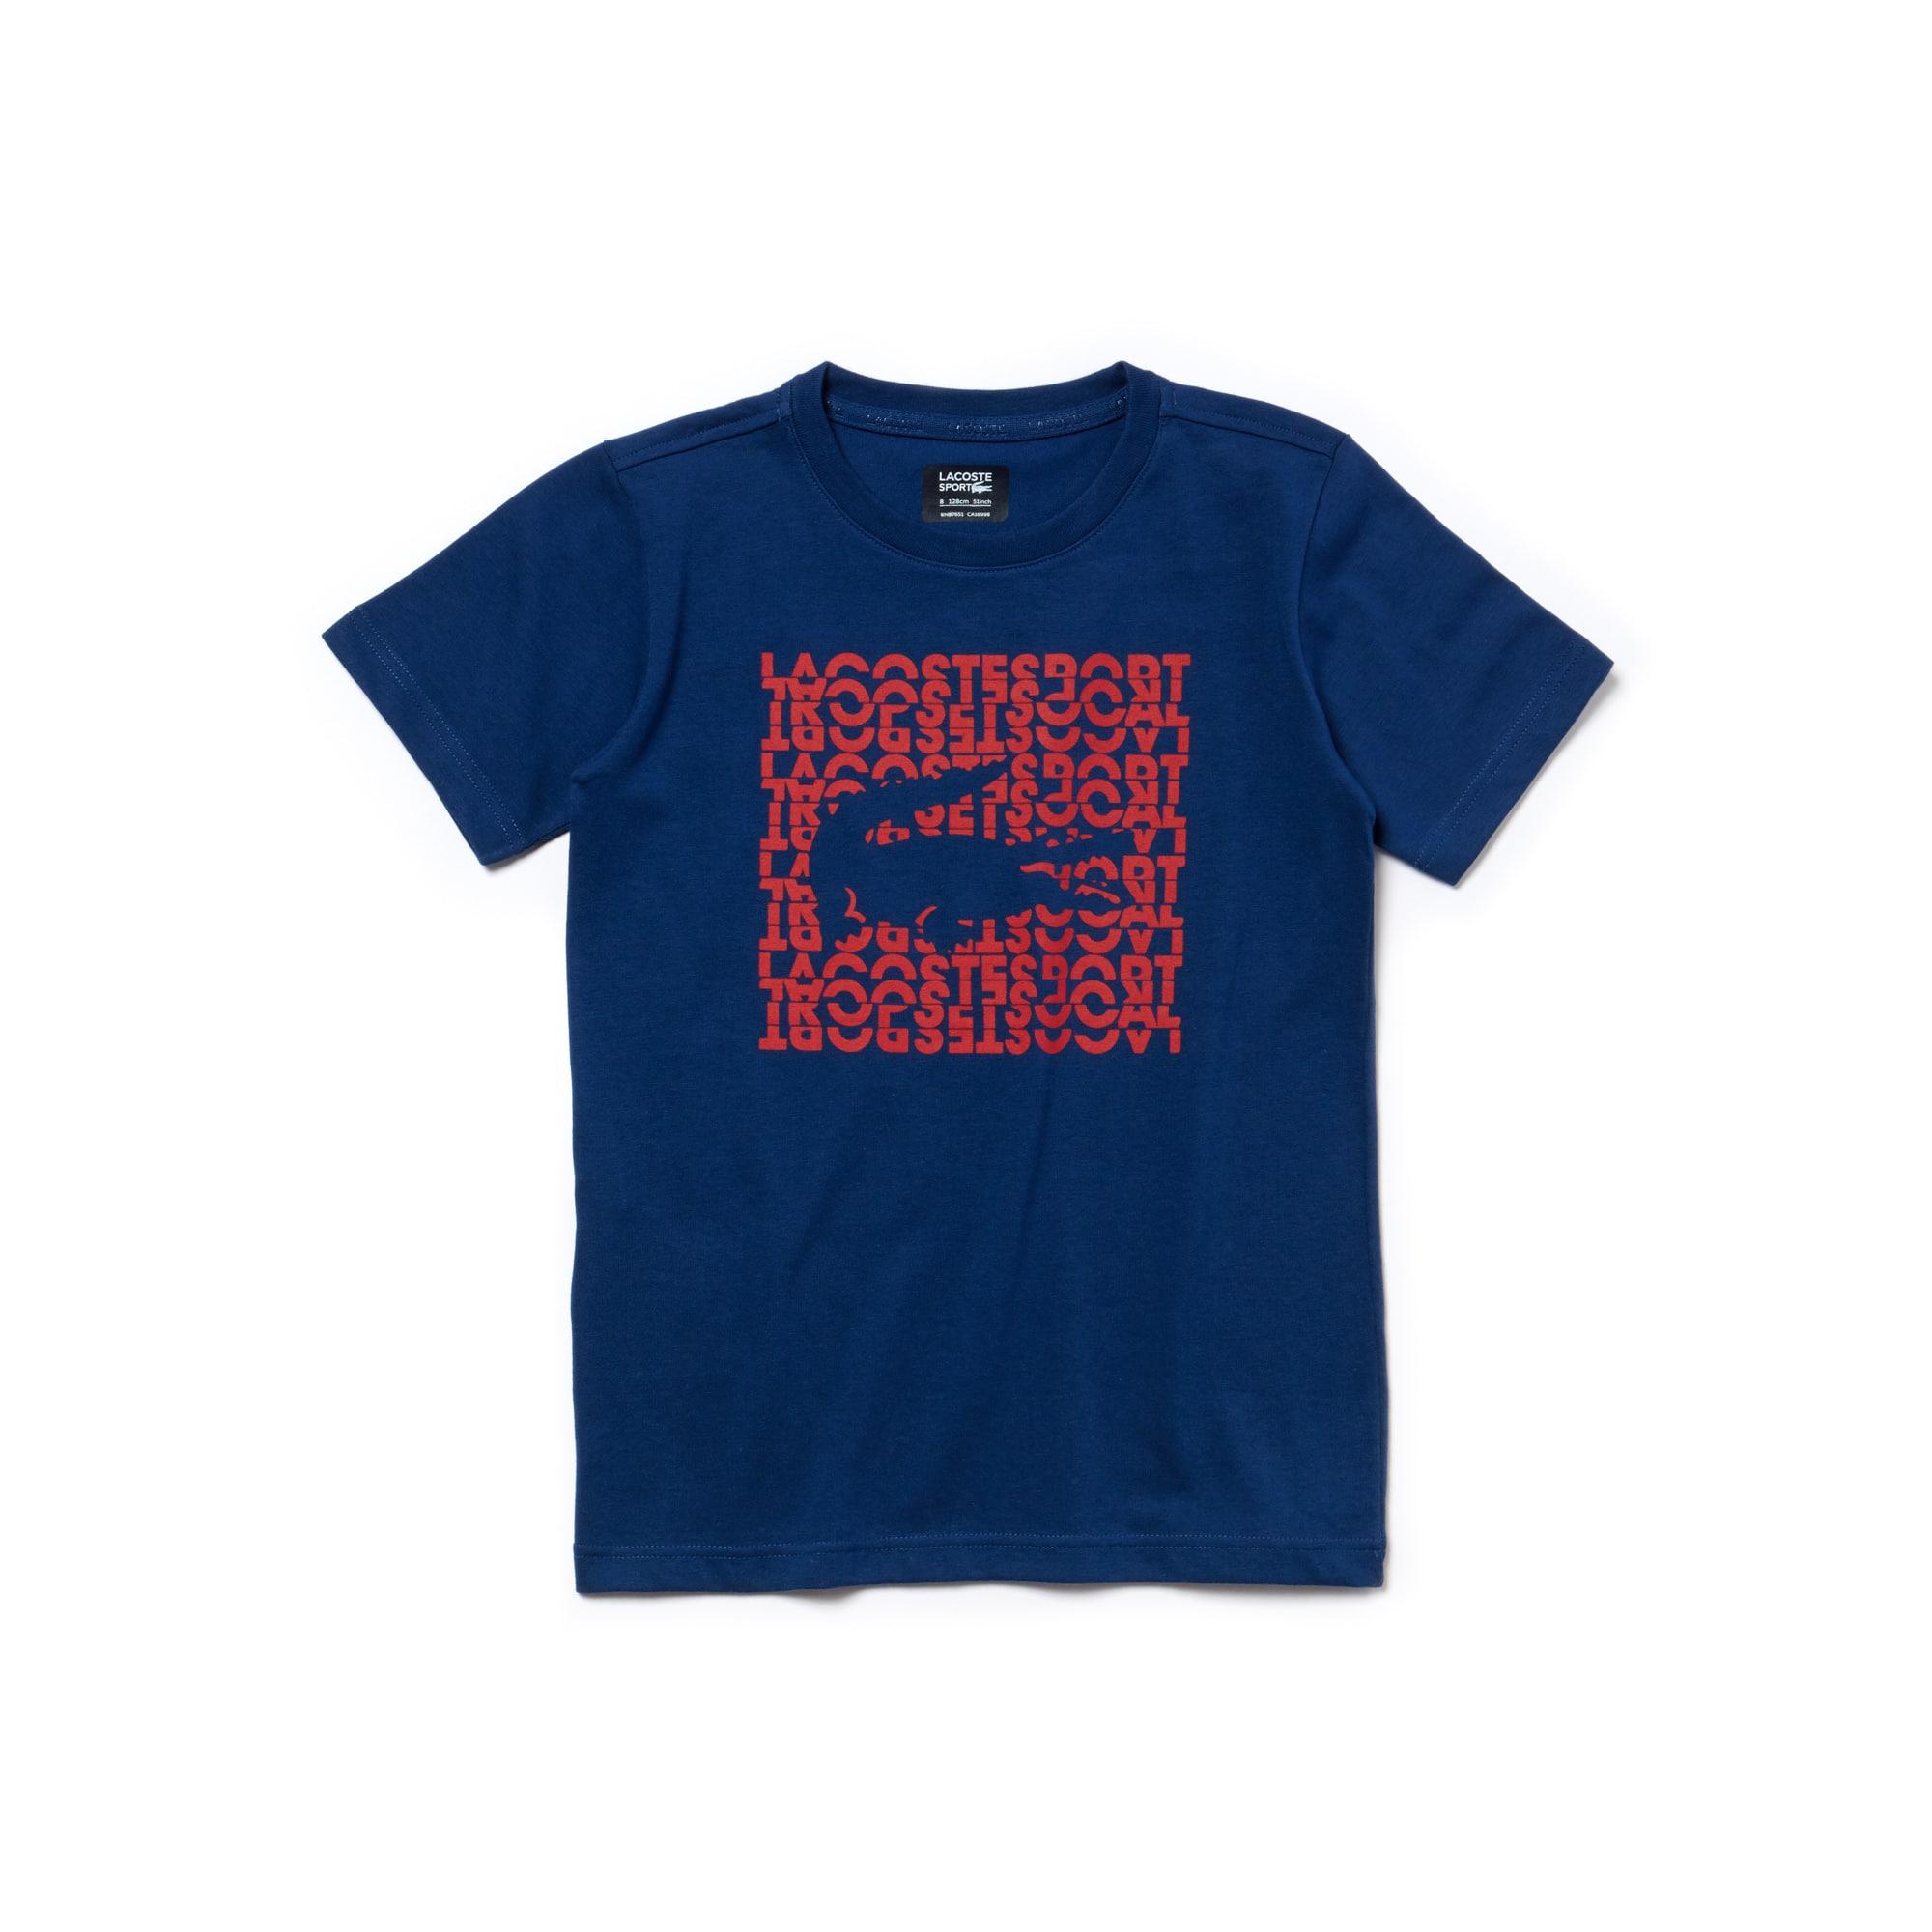 Jungen LACOSTE SPORT Tennis T-Shirt mit Schriftzug